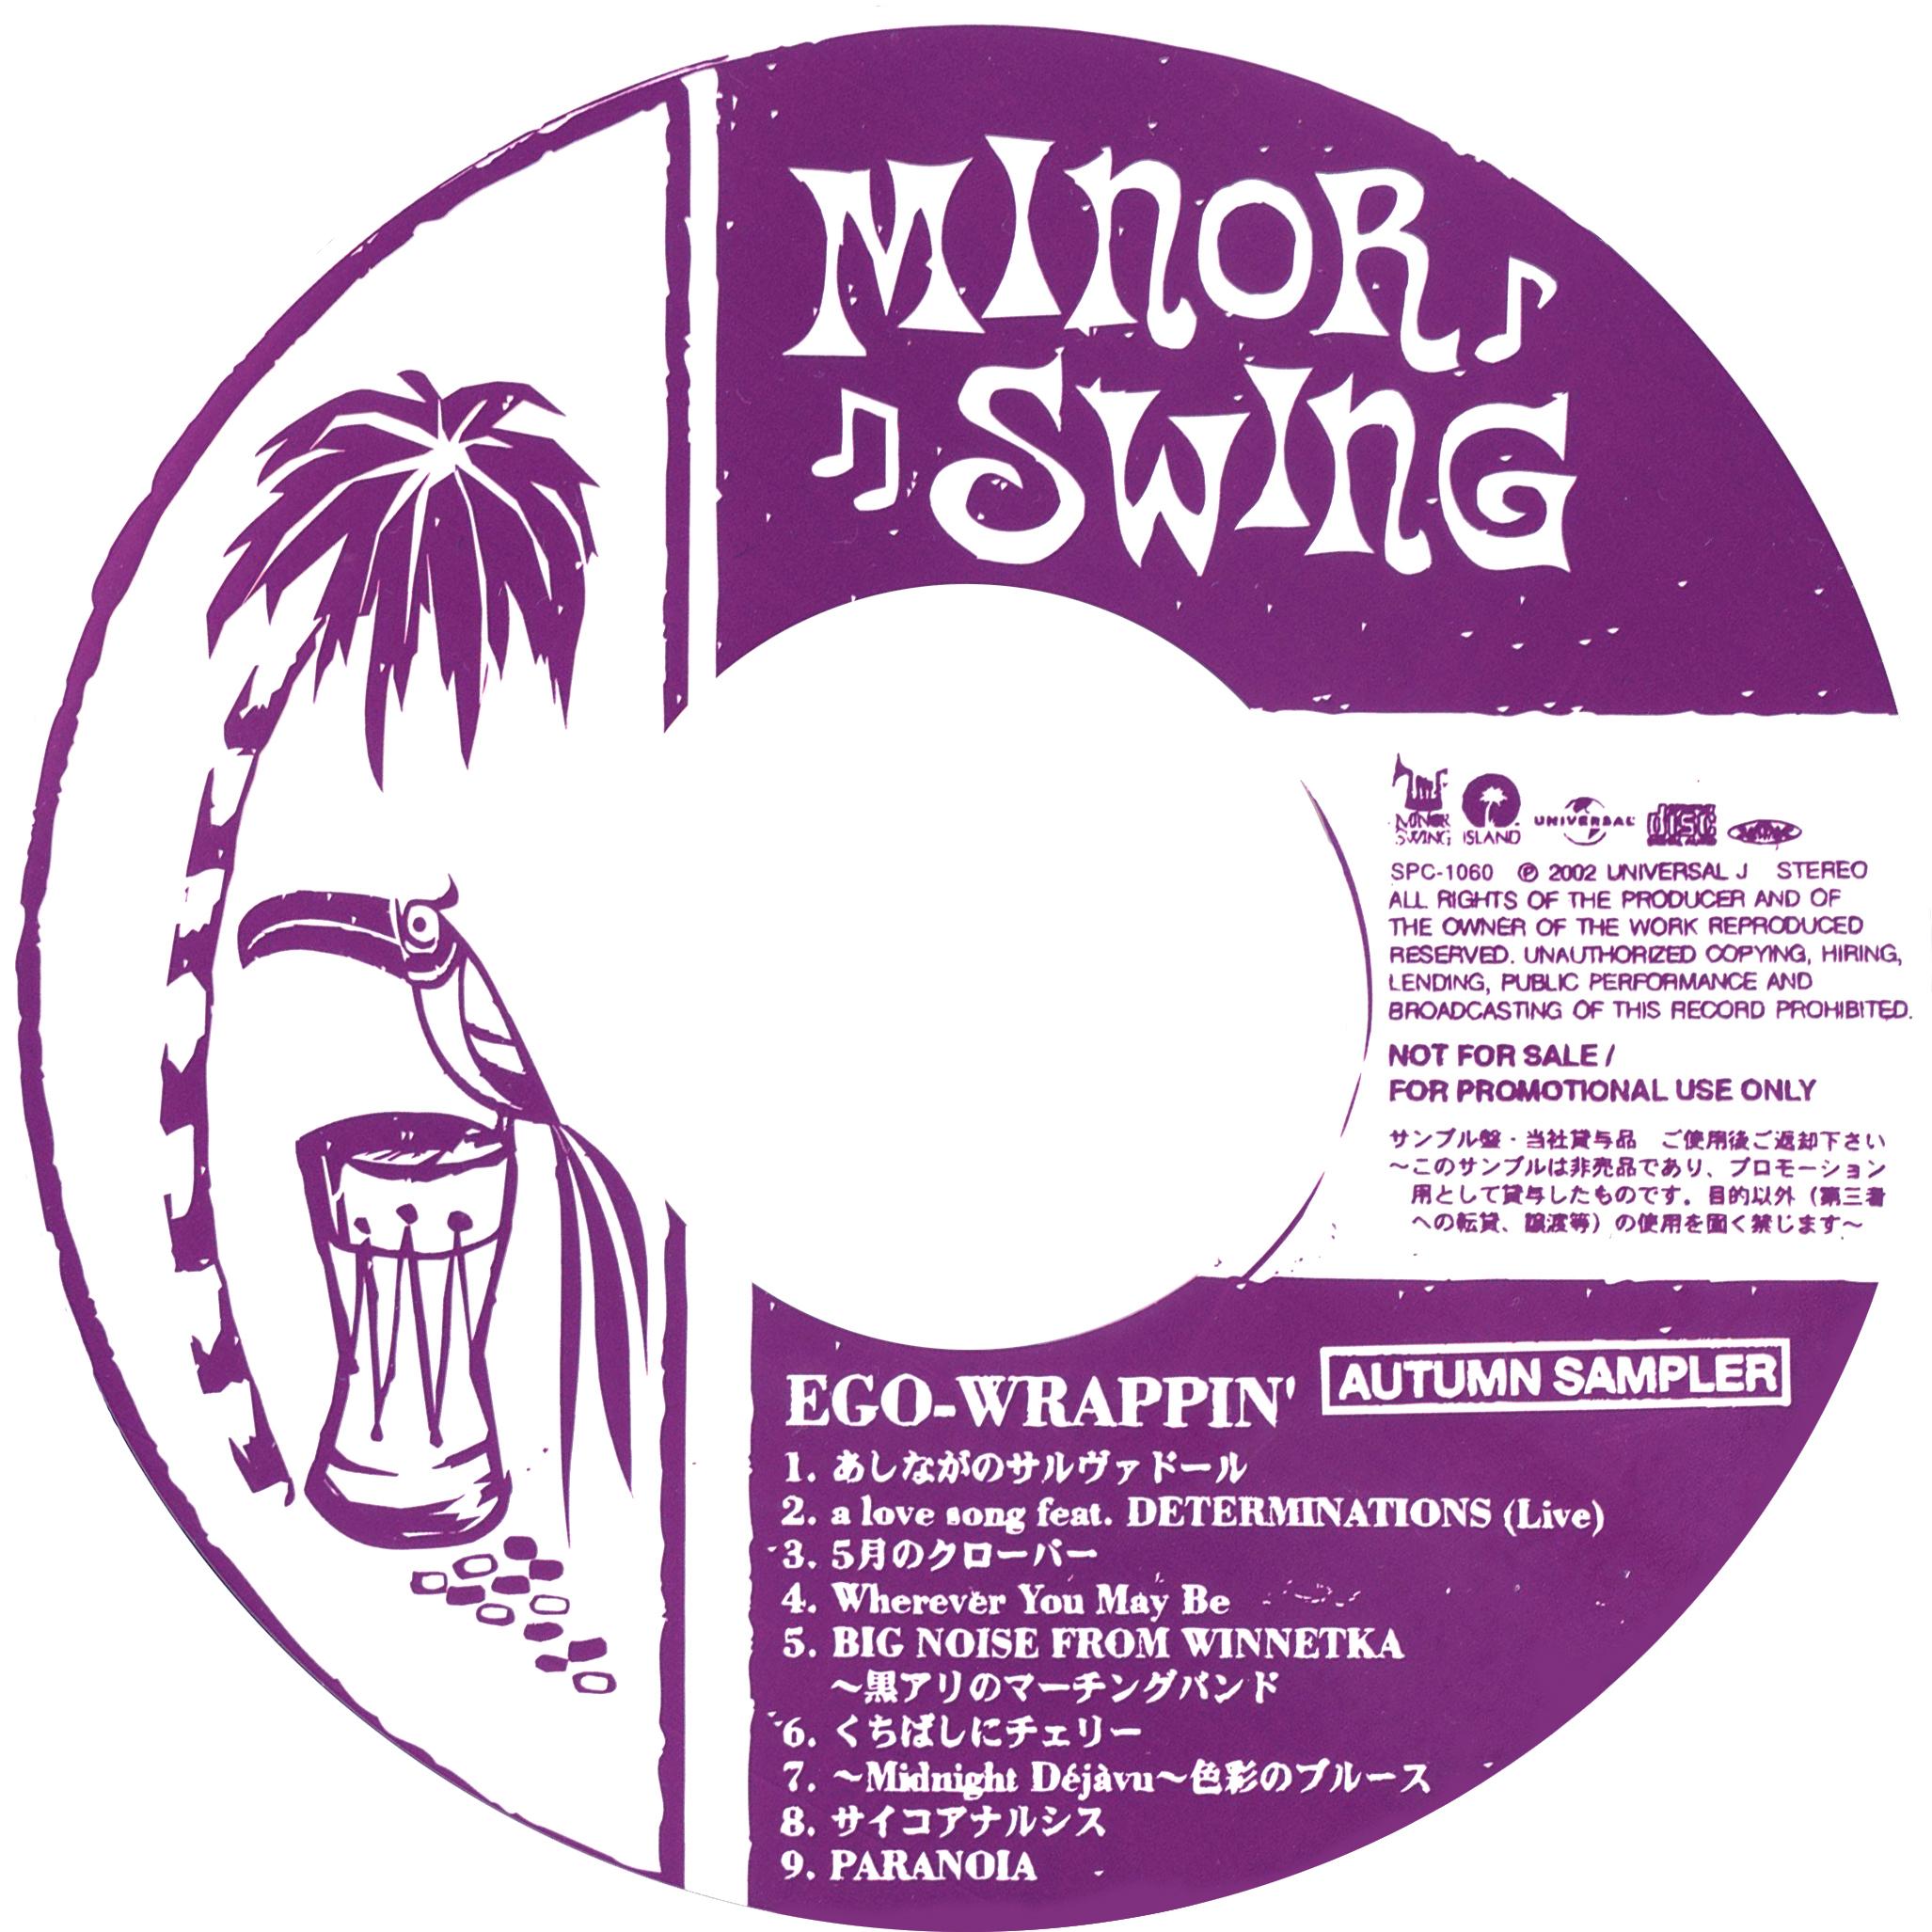 EGO-WRAPPIN' (エゴラッピン) 非売品9曲入りCD『AUTUMN SAMPLER (オータム・サンプラー)』(2002年秋) 高画質CDレーベル画像